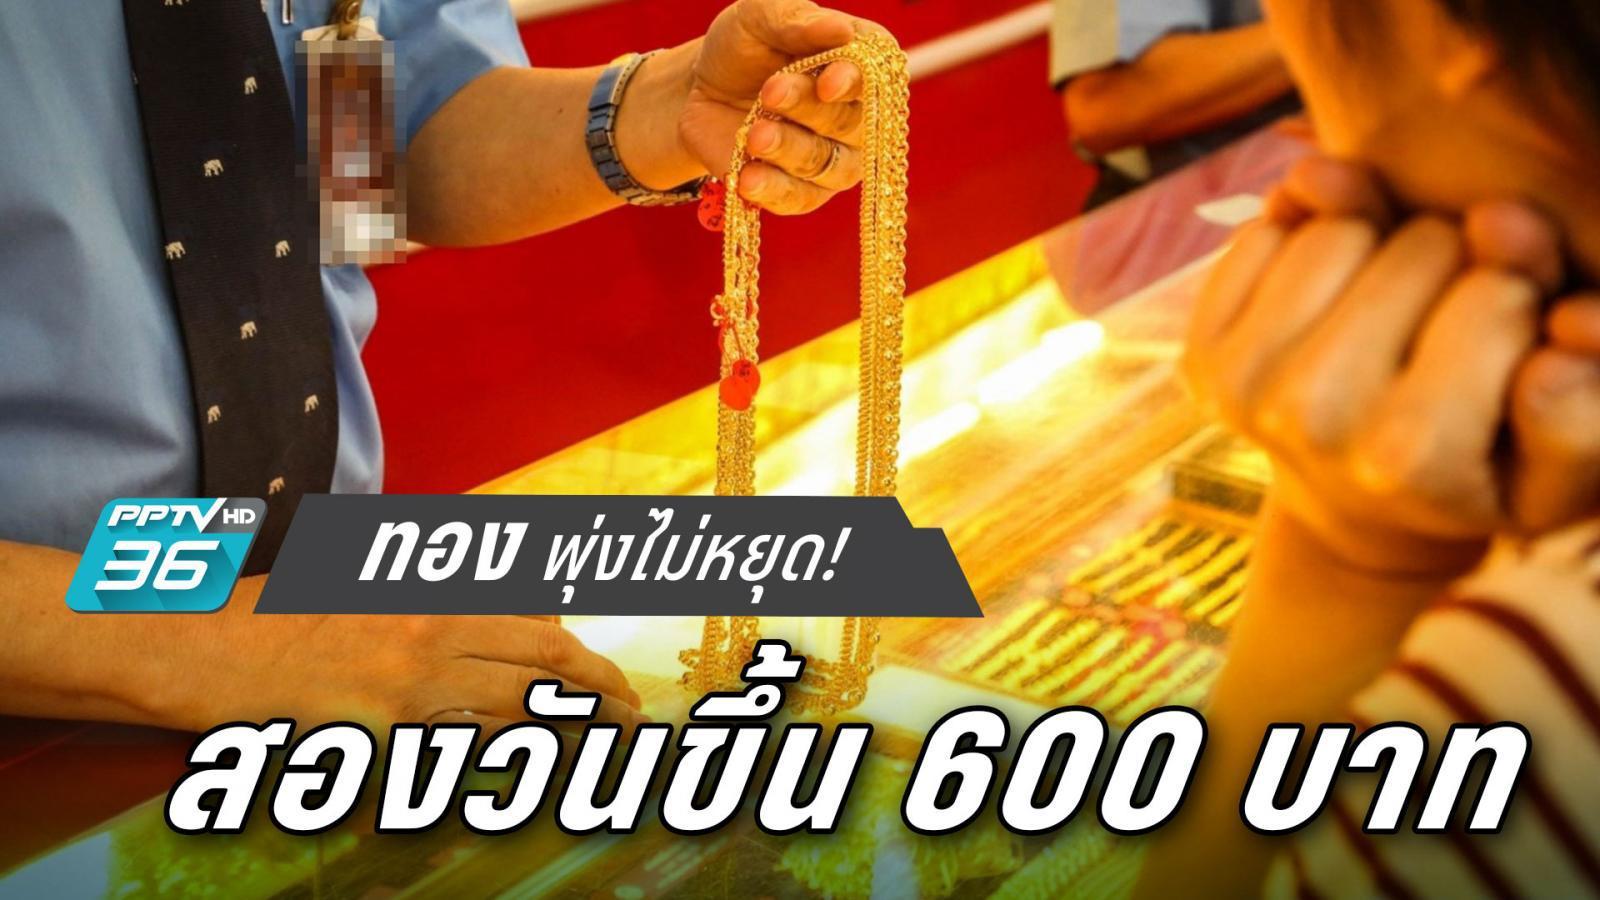 ราคาทองยังพุ่งไม่หยุด สองวันขึ้น 600 บาท!!